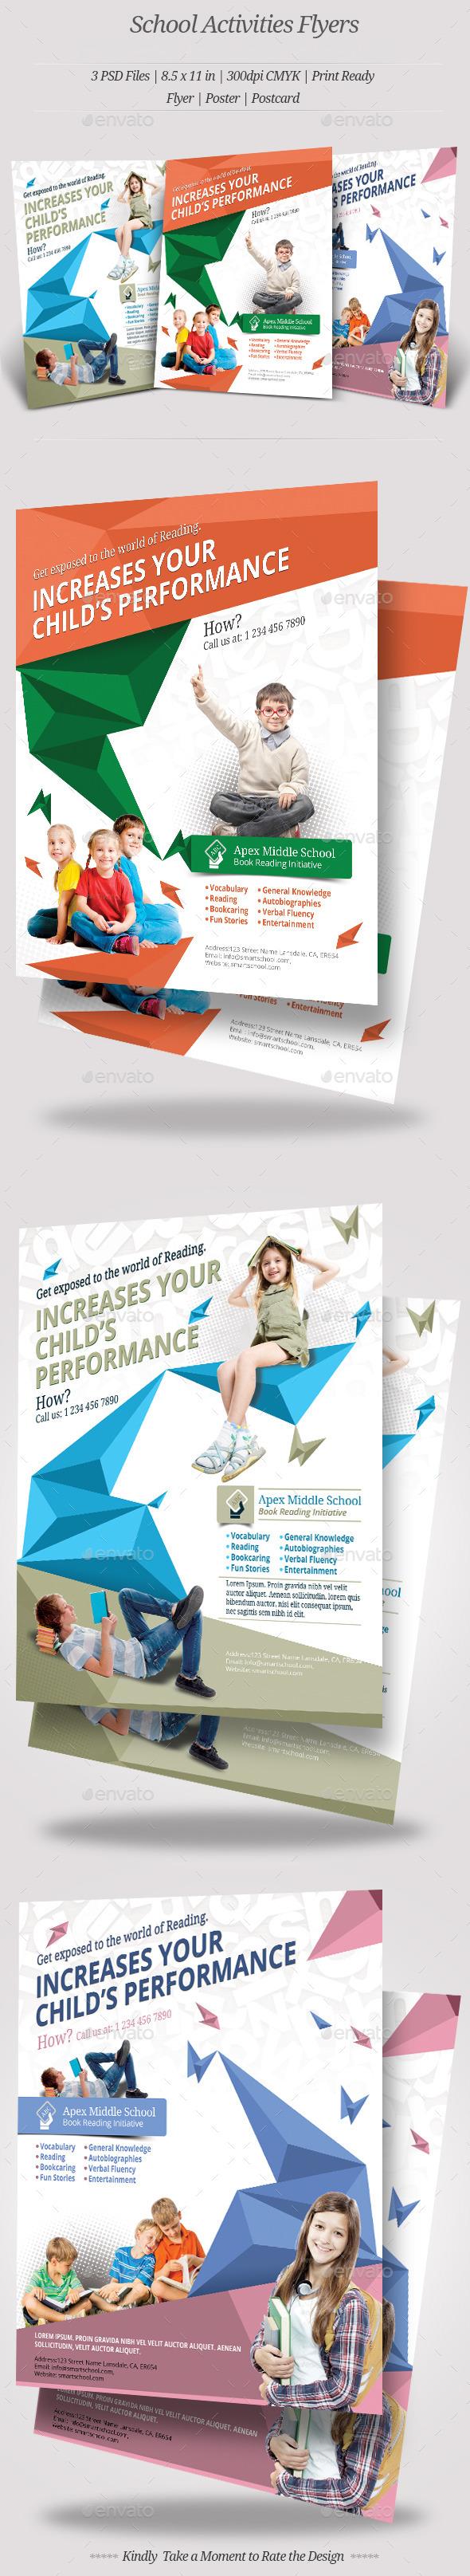 GraphicRiver School Activities Flyer Templates 10374680